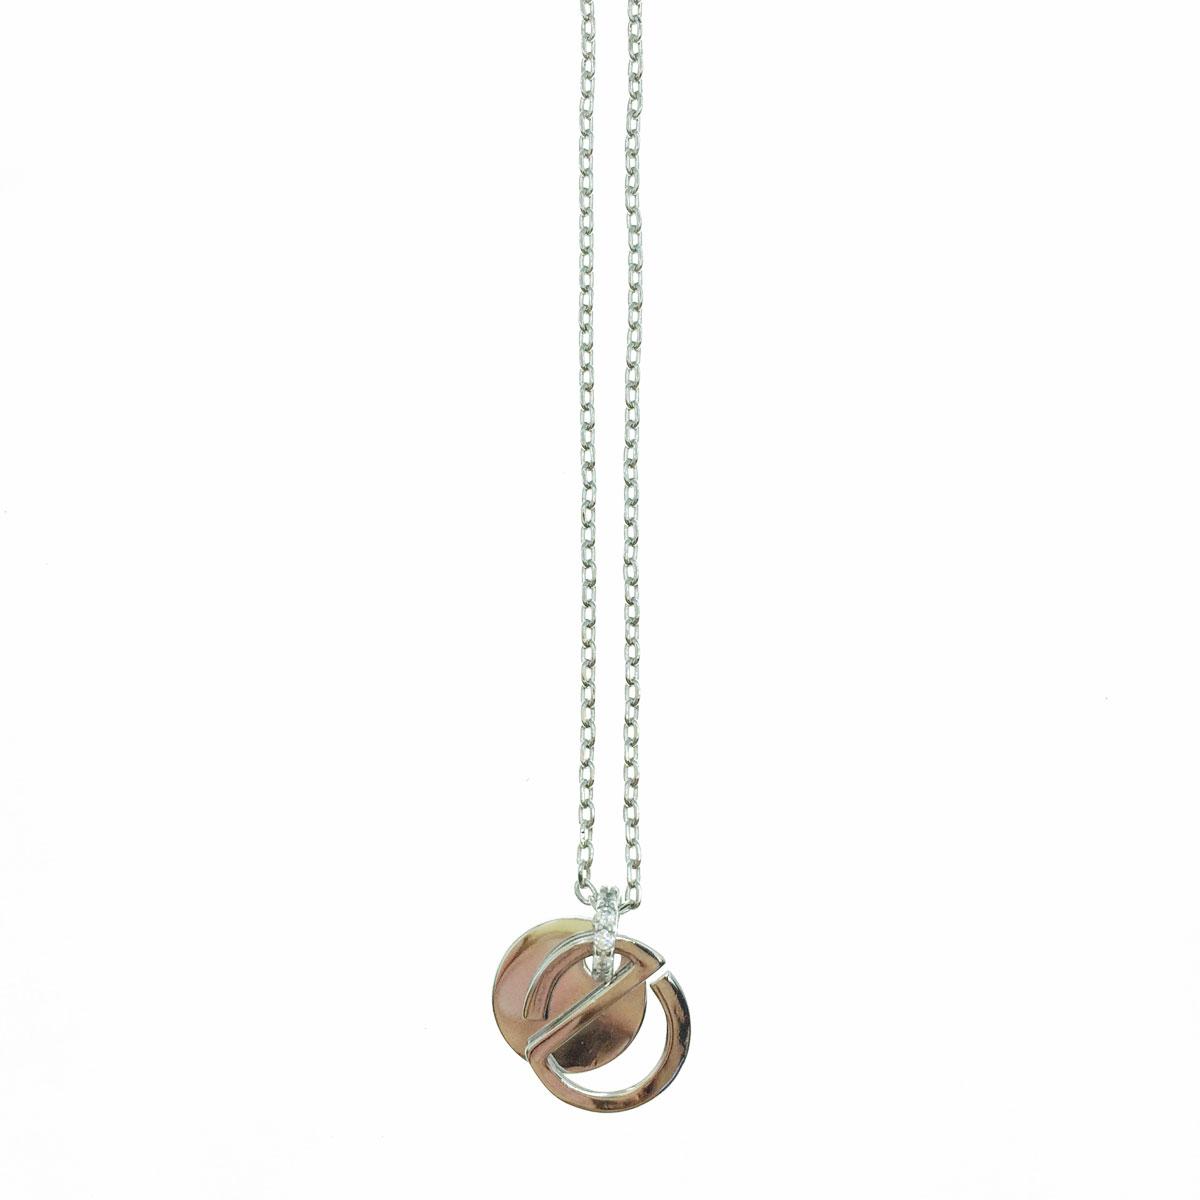 韓國 金屬 造型 銀色 短鍊 項鍊